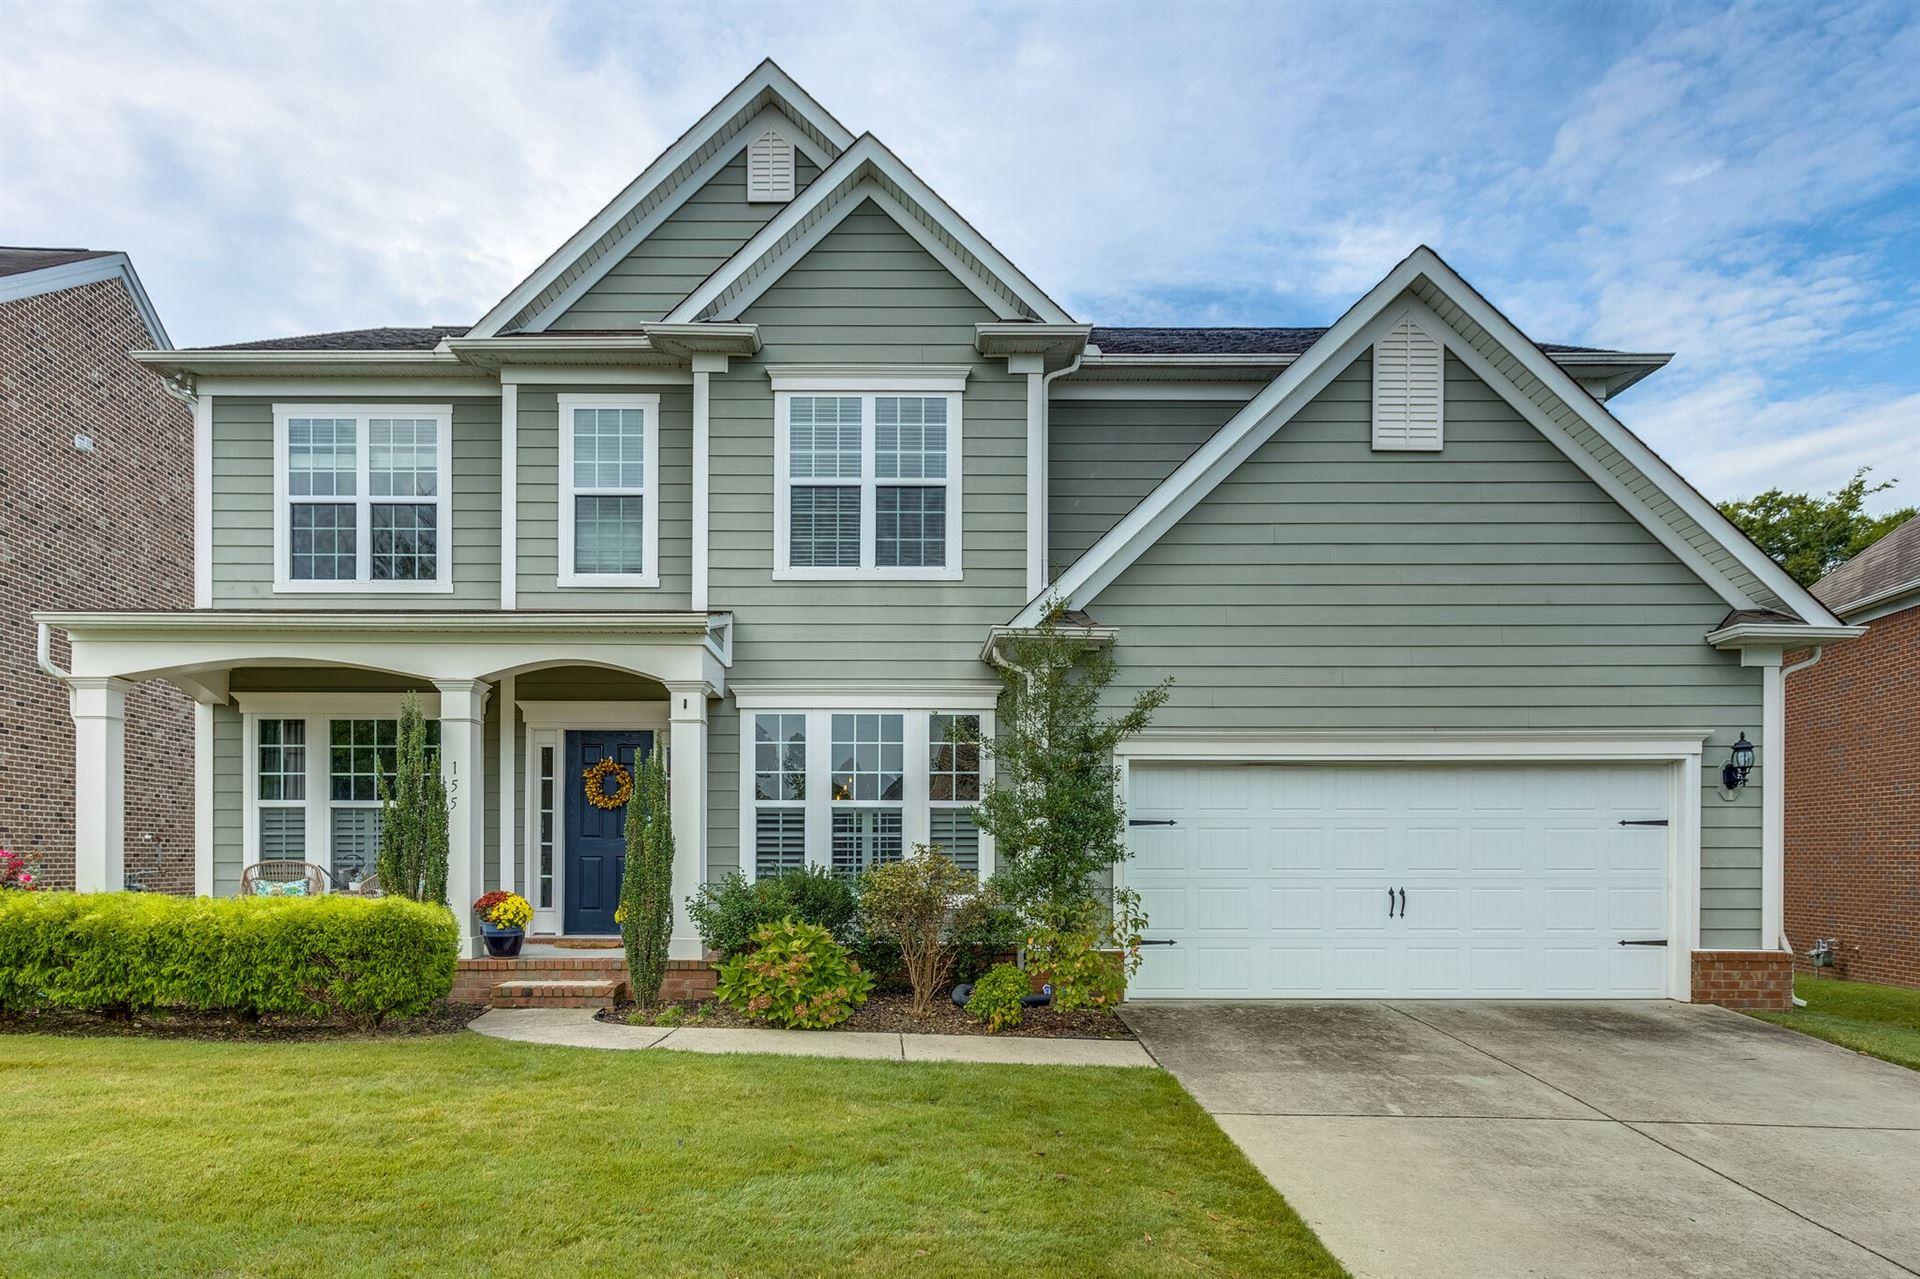 155 Creekstone Blvd, Franklin, TN 37064 - MLS#: 2298502